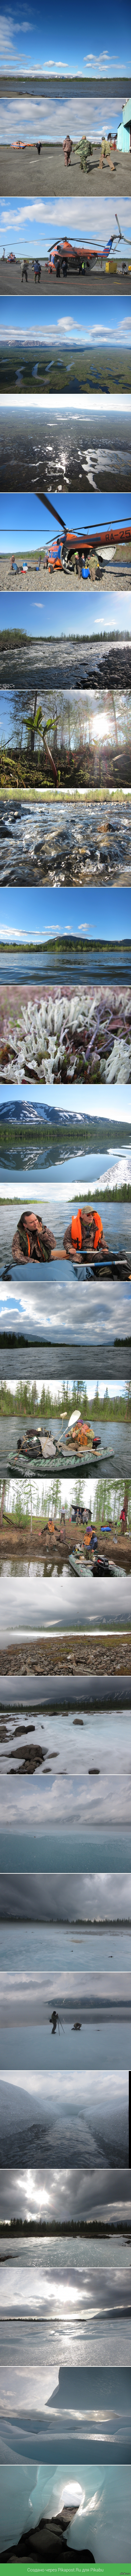 Экспедиция 2014 Очень Длиннопост.  Подборка моих фотографий с Экспедици на Плато Путорана в 2014 году.Если кому интересно,позже смогу запилить пост о том как всё у нас проходил